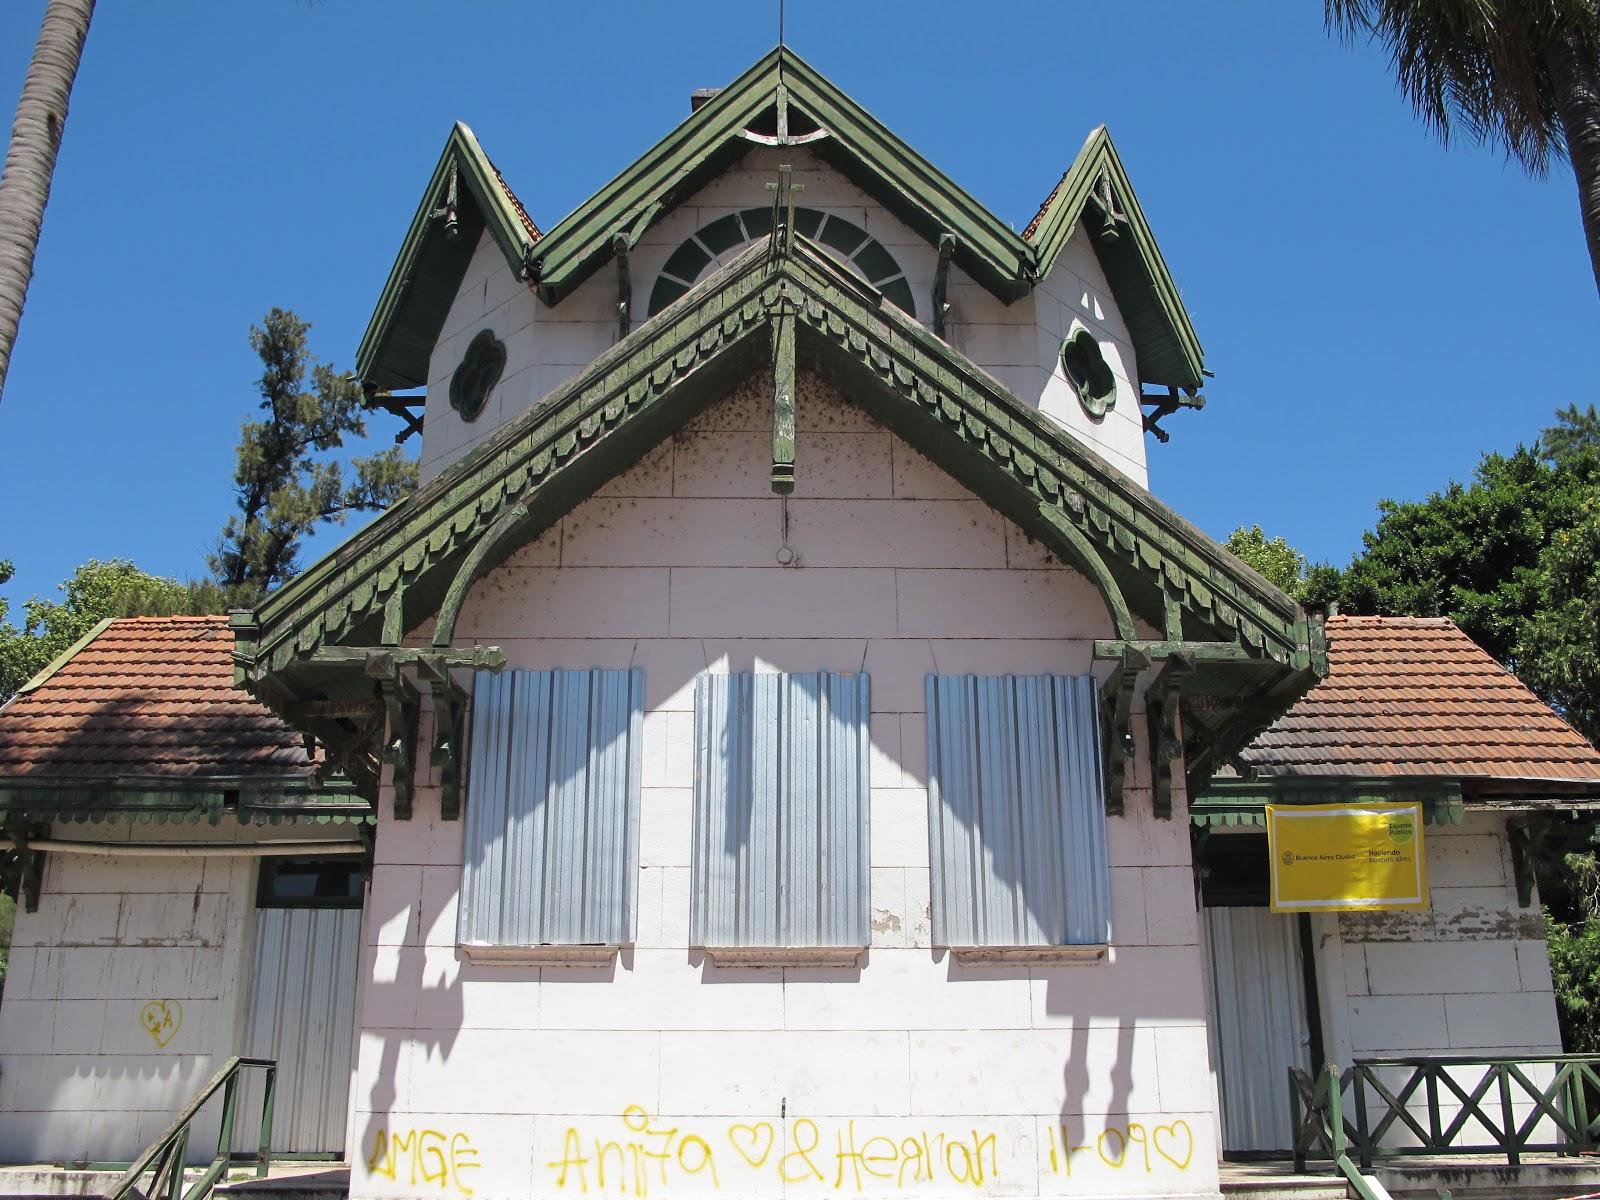 Edificios y monumentos de buenos aires casa joven de palermo for Casa jardin buenos aires